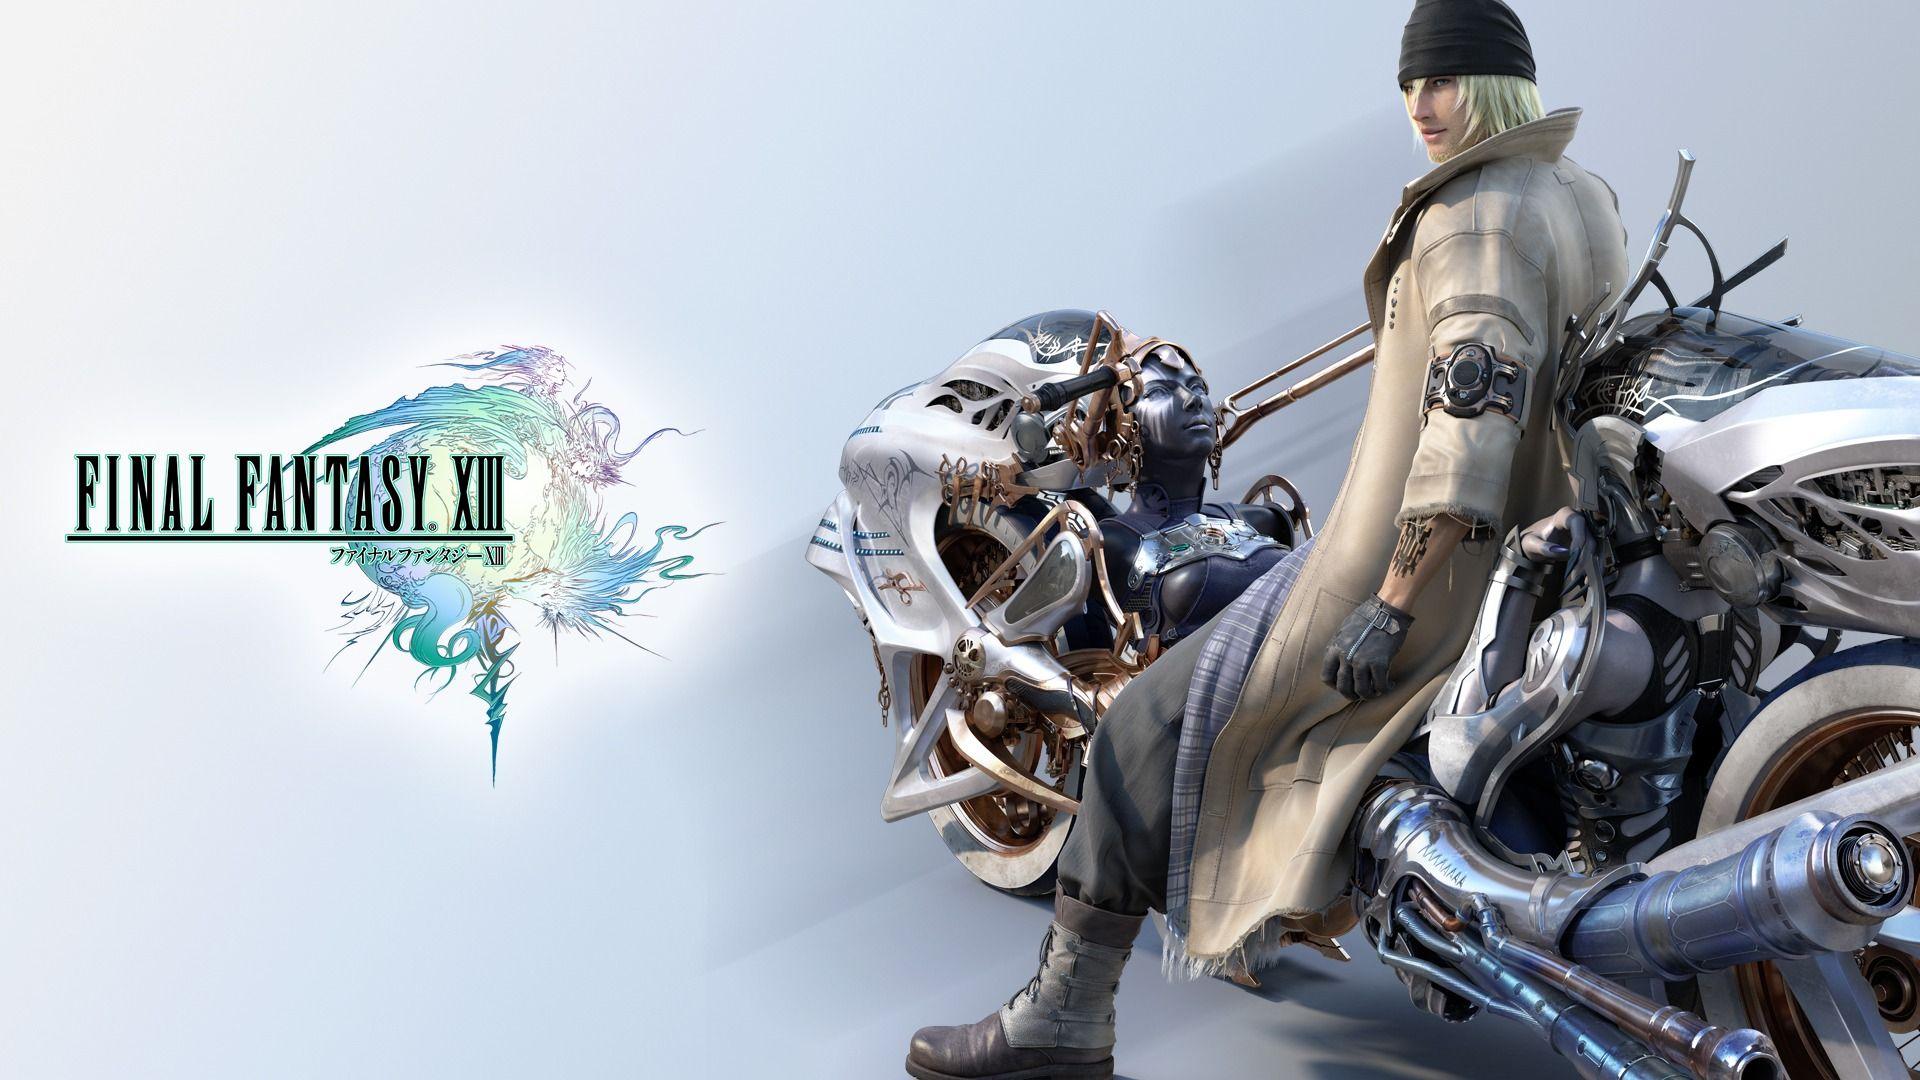 Final Fantasy 13 Fonds D Ecran Hd 2 1920x1080 Final Fantasy Fond Ecran Fond Ecran 1920x1080